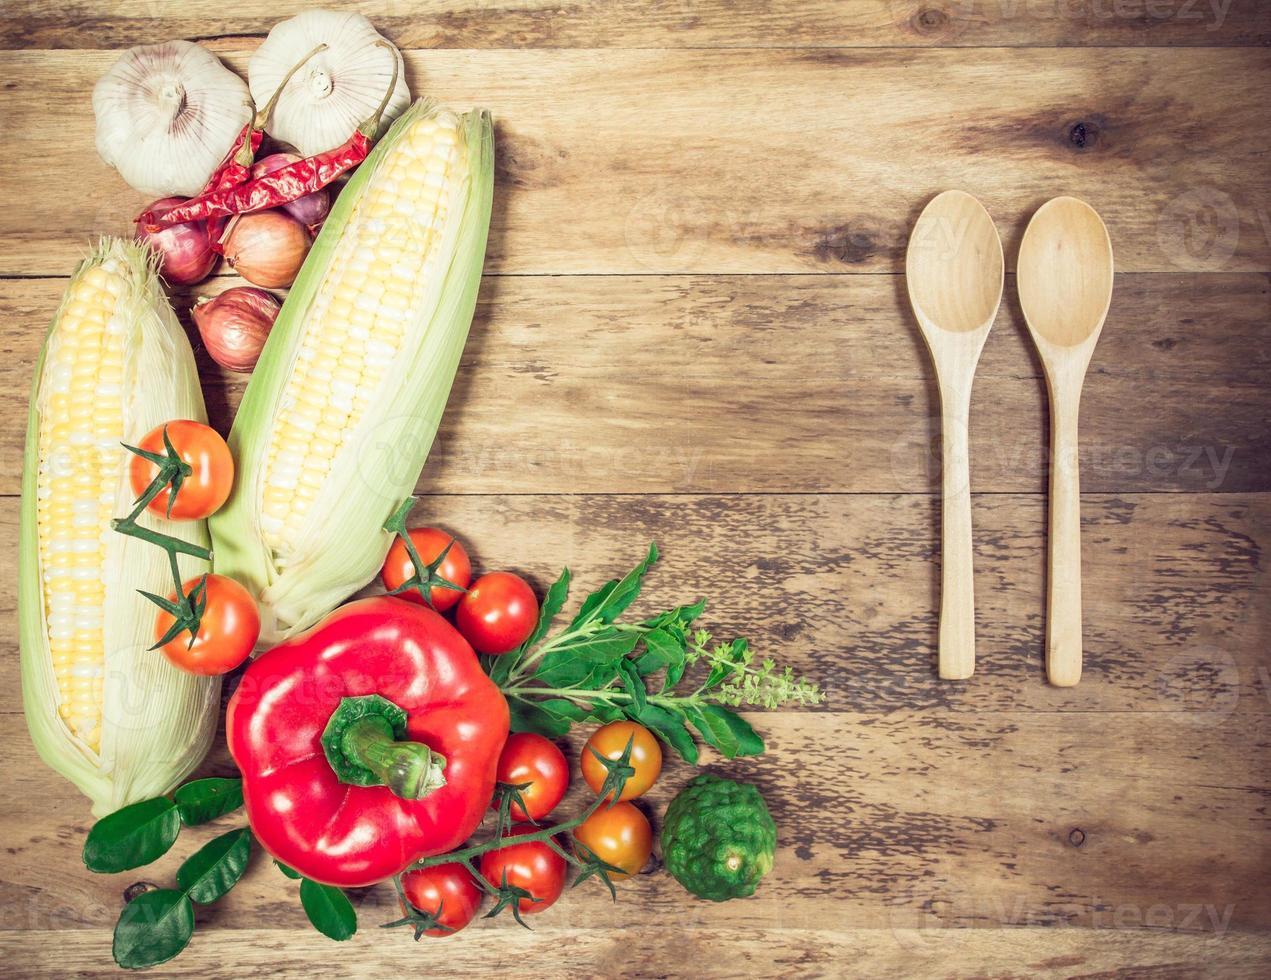 verdure biologiche fresche e spezie su uno sfondo di legno. foto